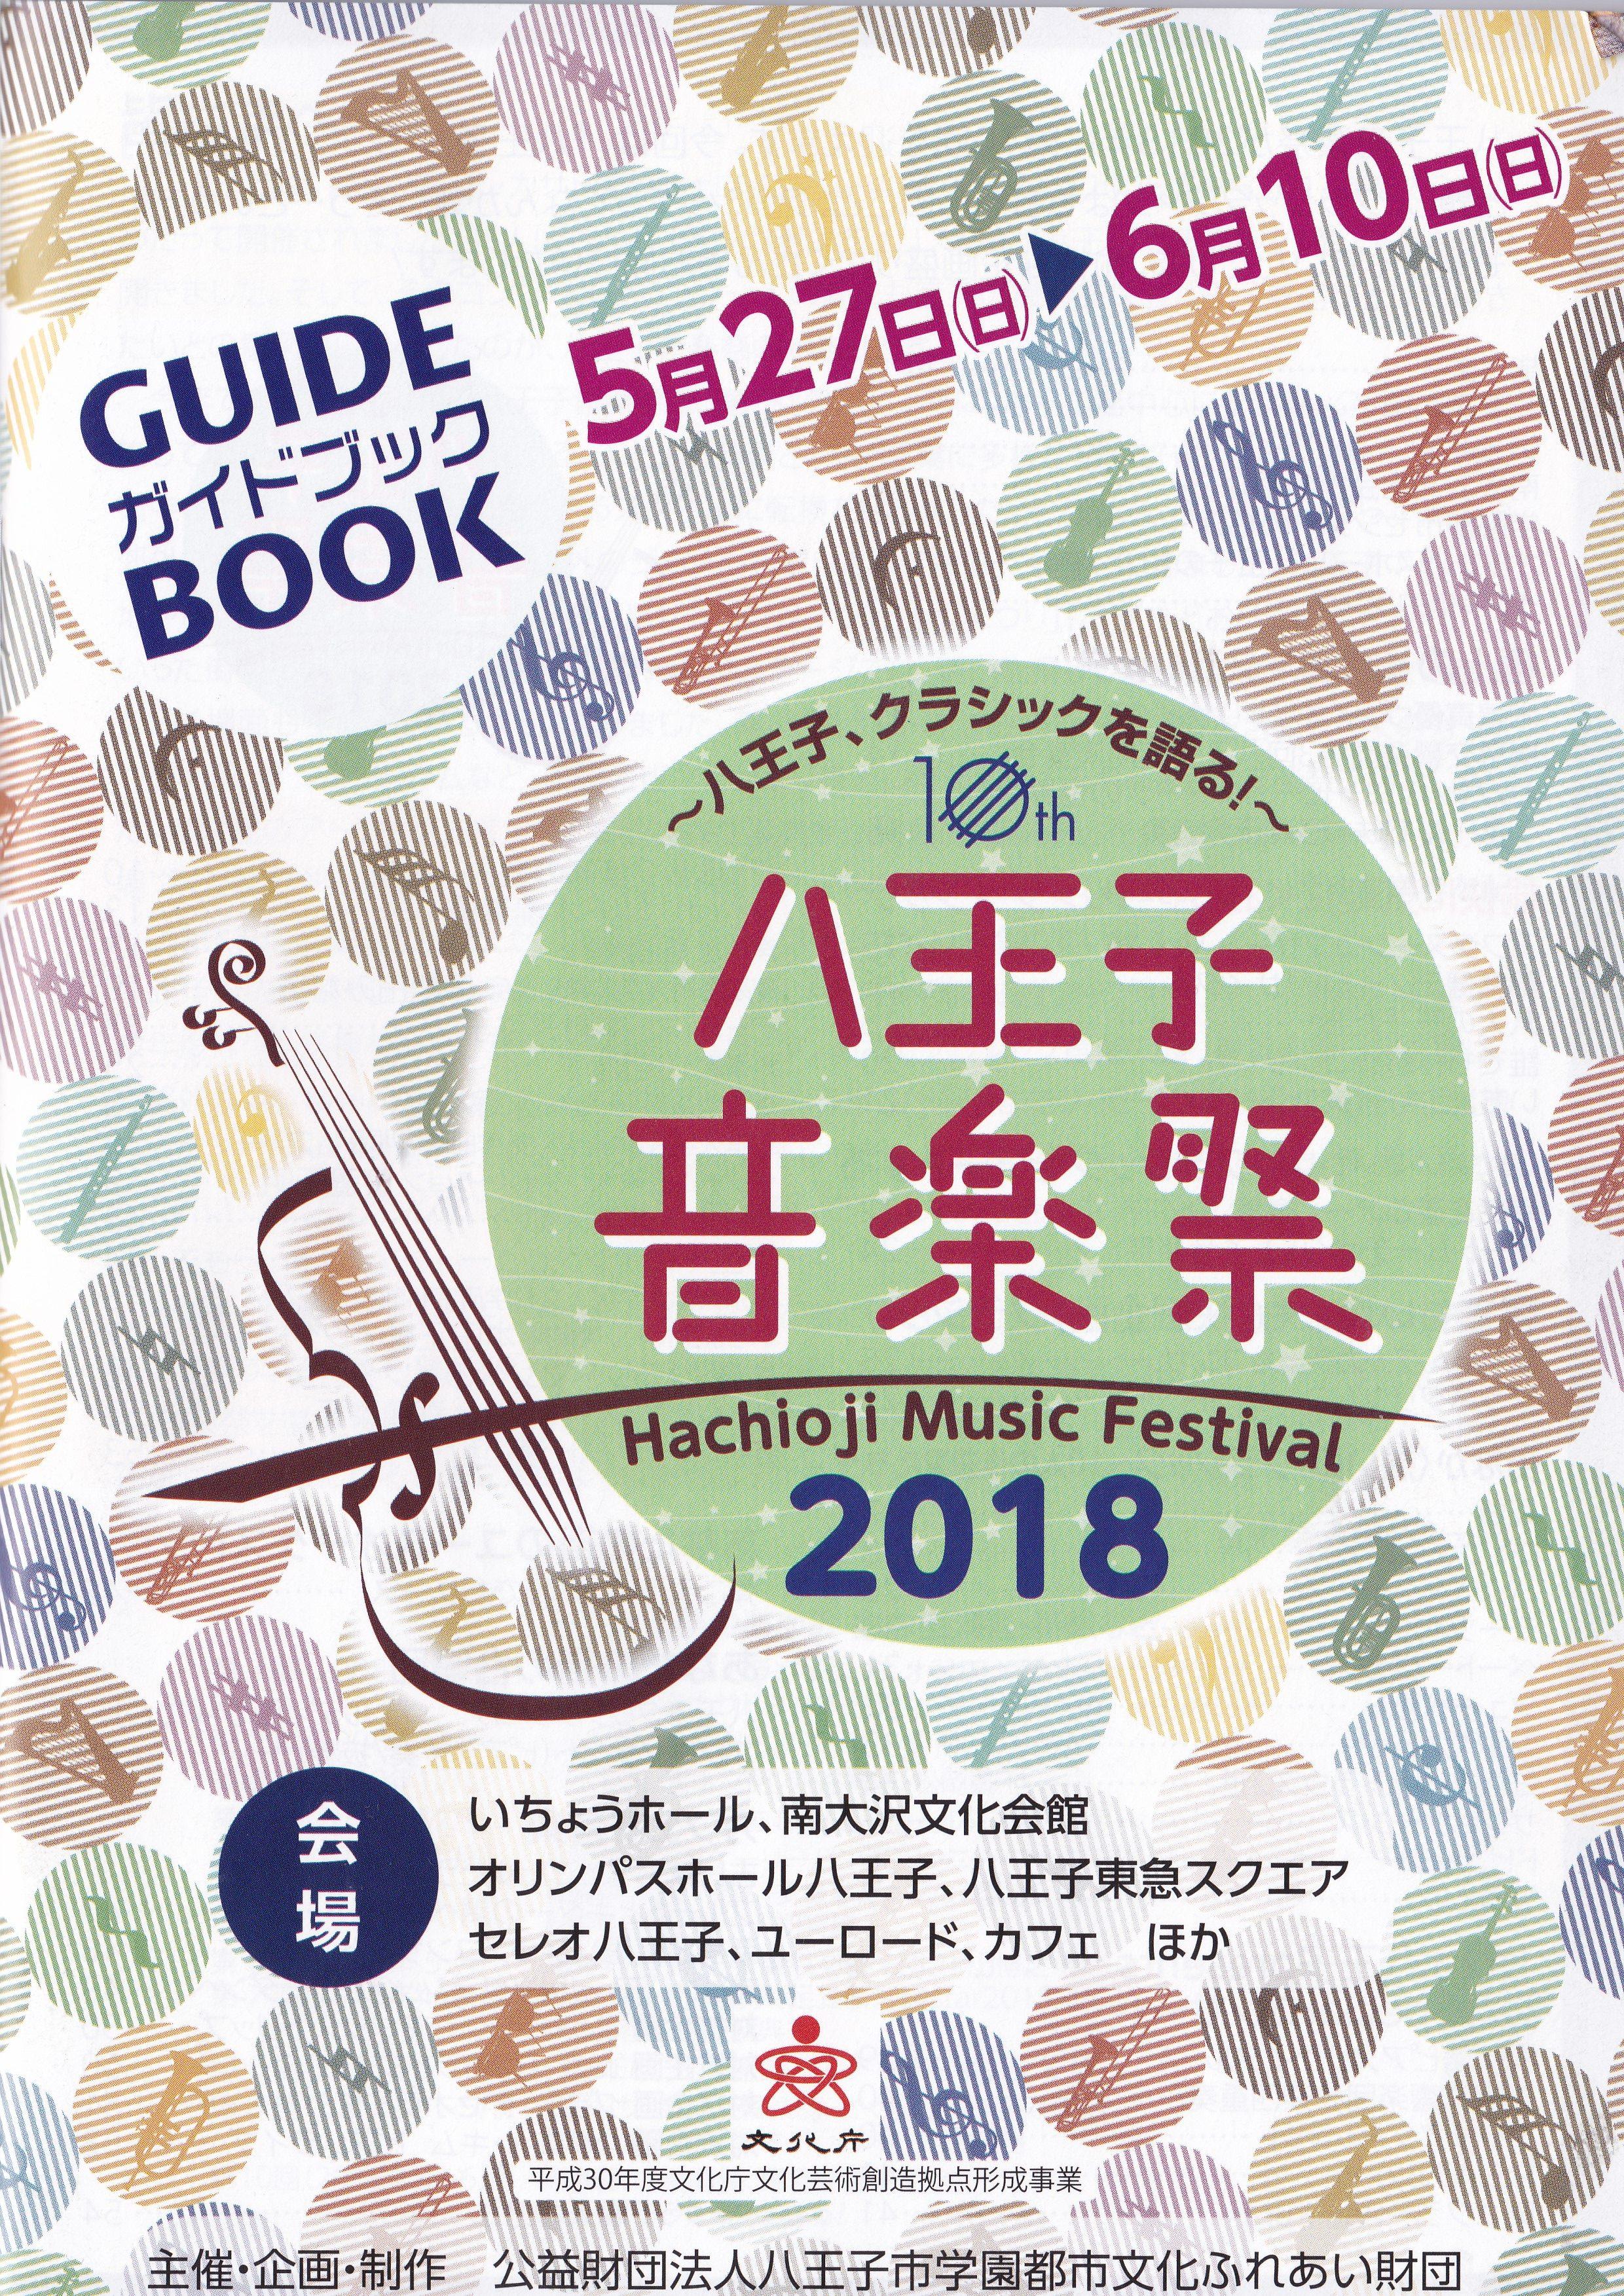 八王子音楽祭2018